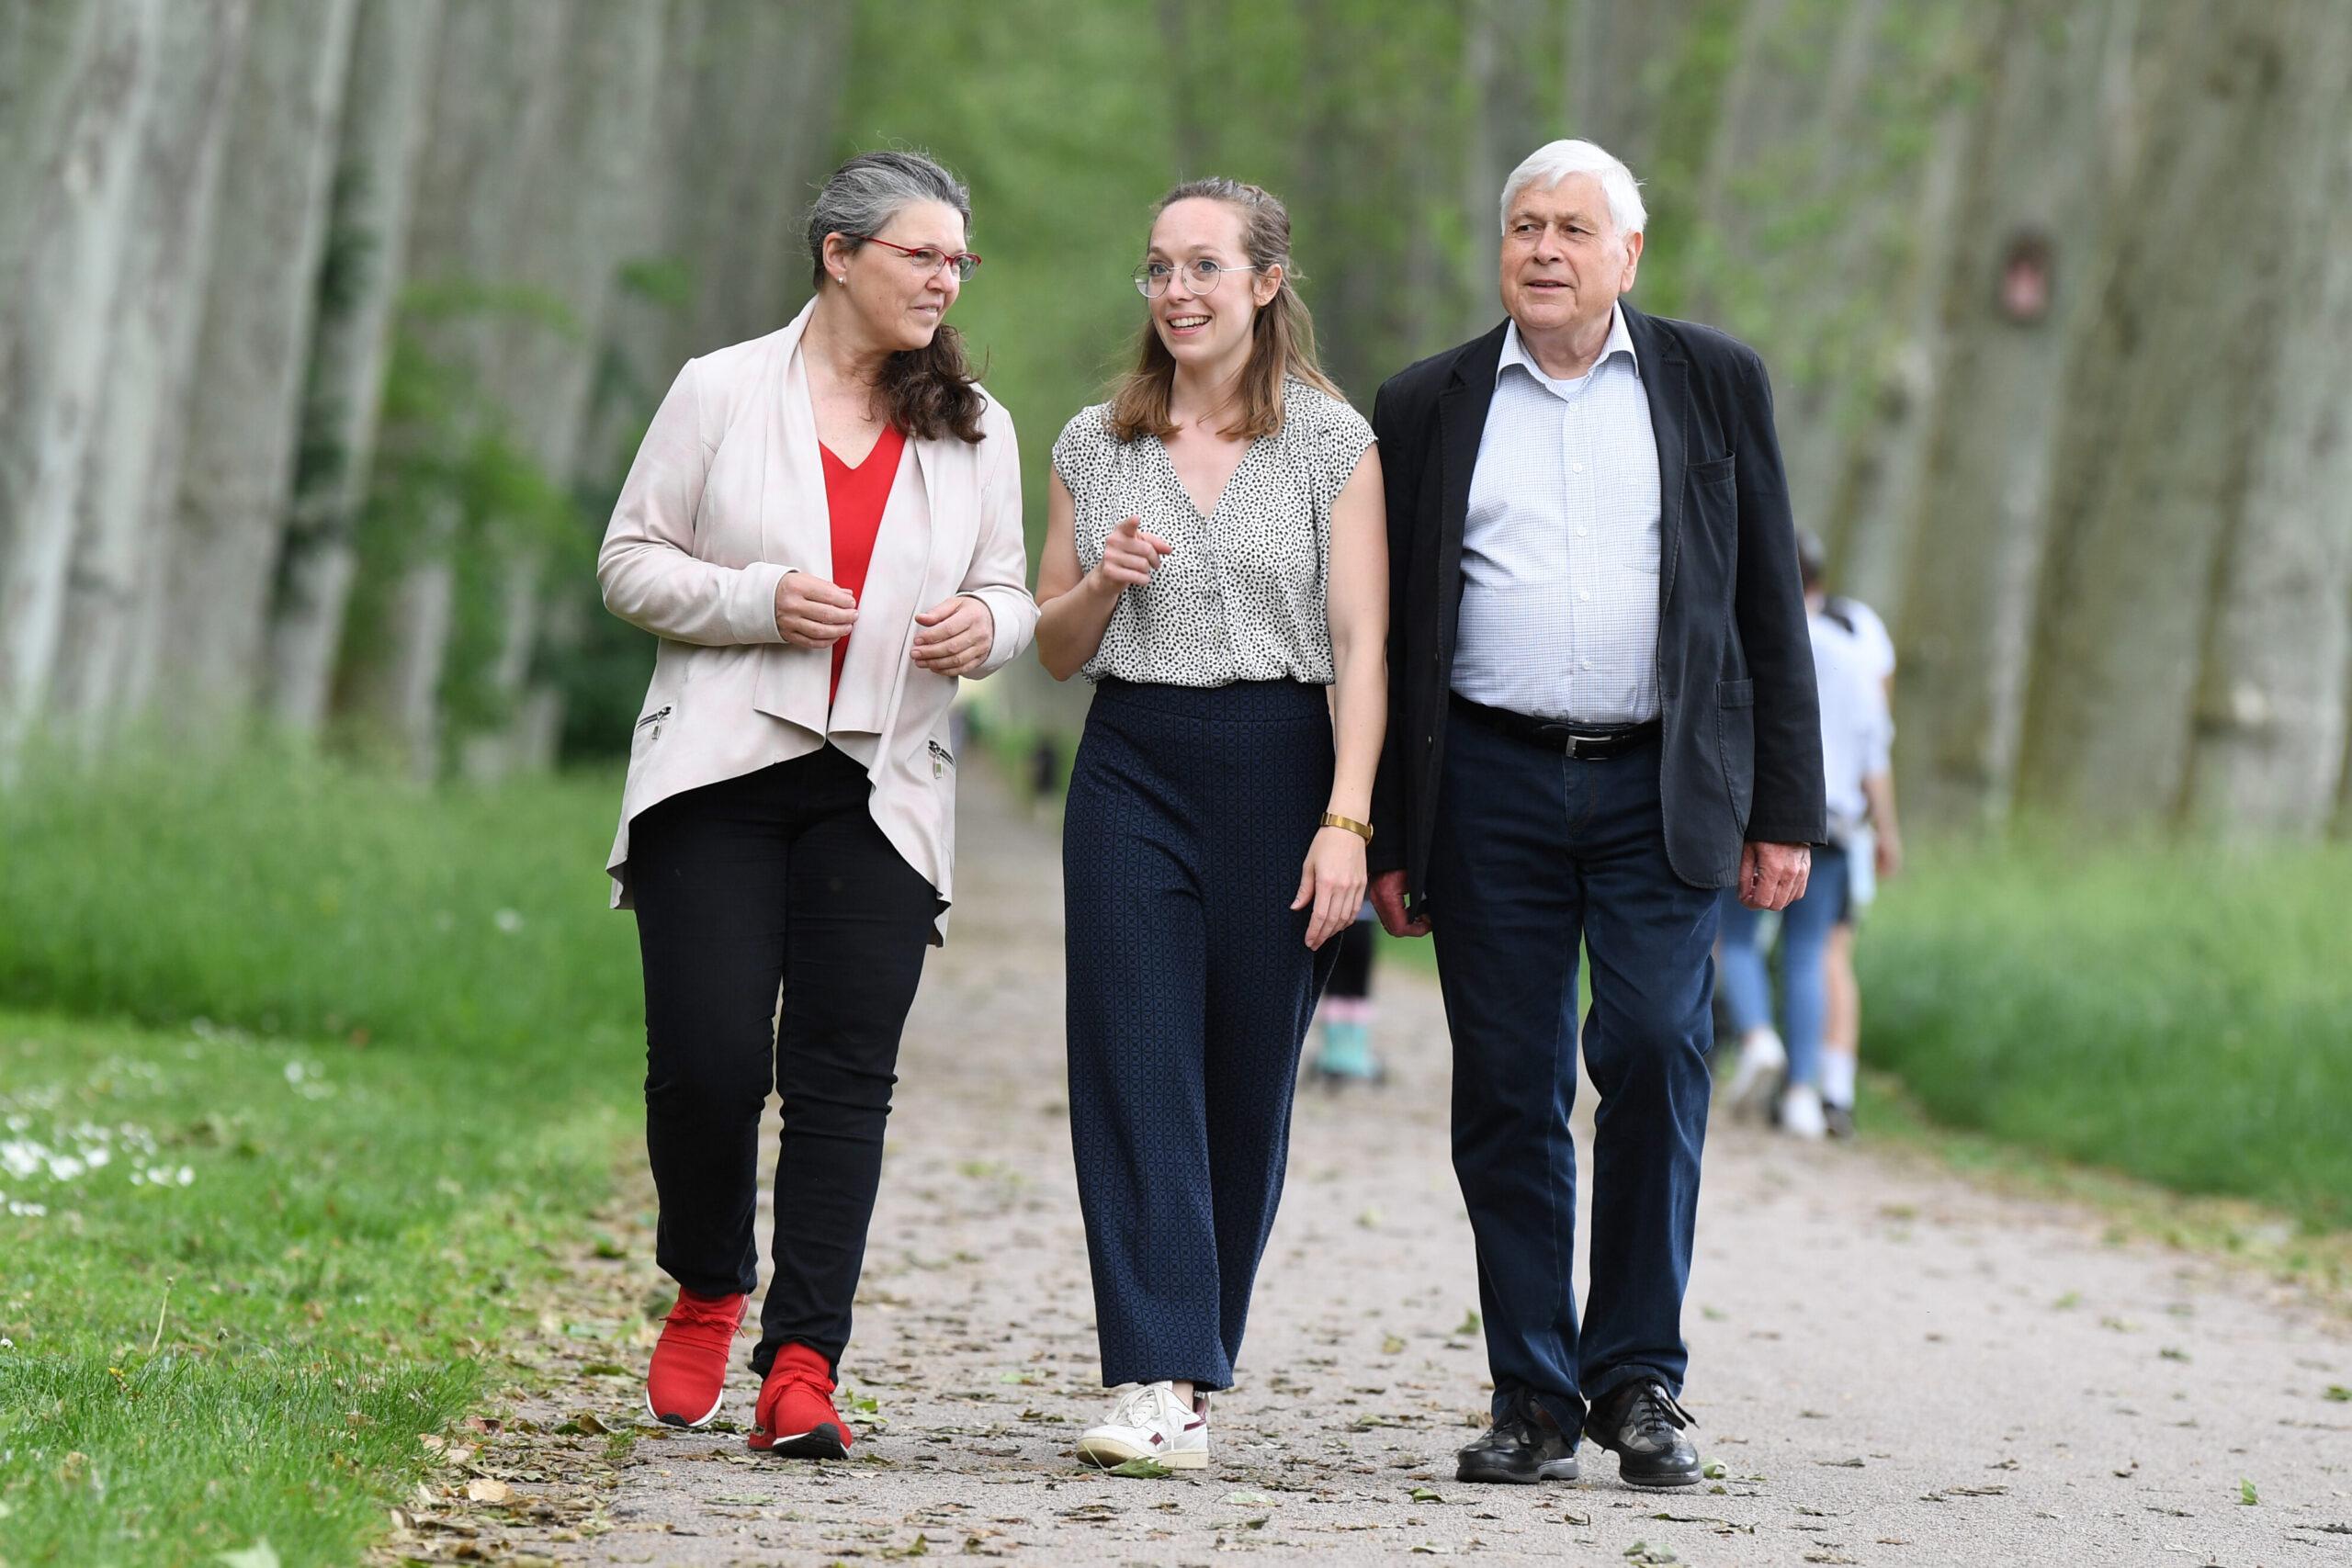 Was mich antreibt, ist Stuttgart. Politik mache ich für Dich! #abgehtdielucy mit deiner Simme nach Berlin in den Bundestag - jünger, bunter, weiblicher